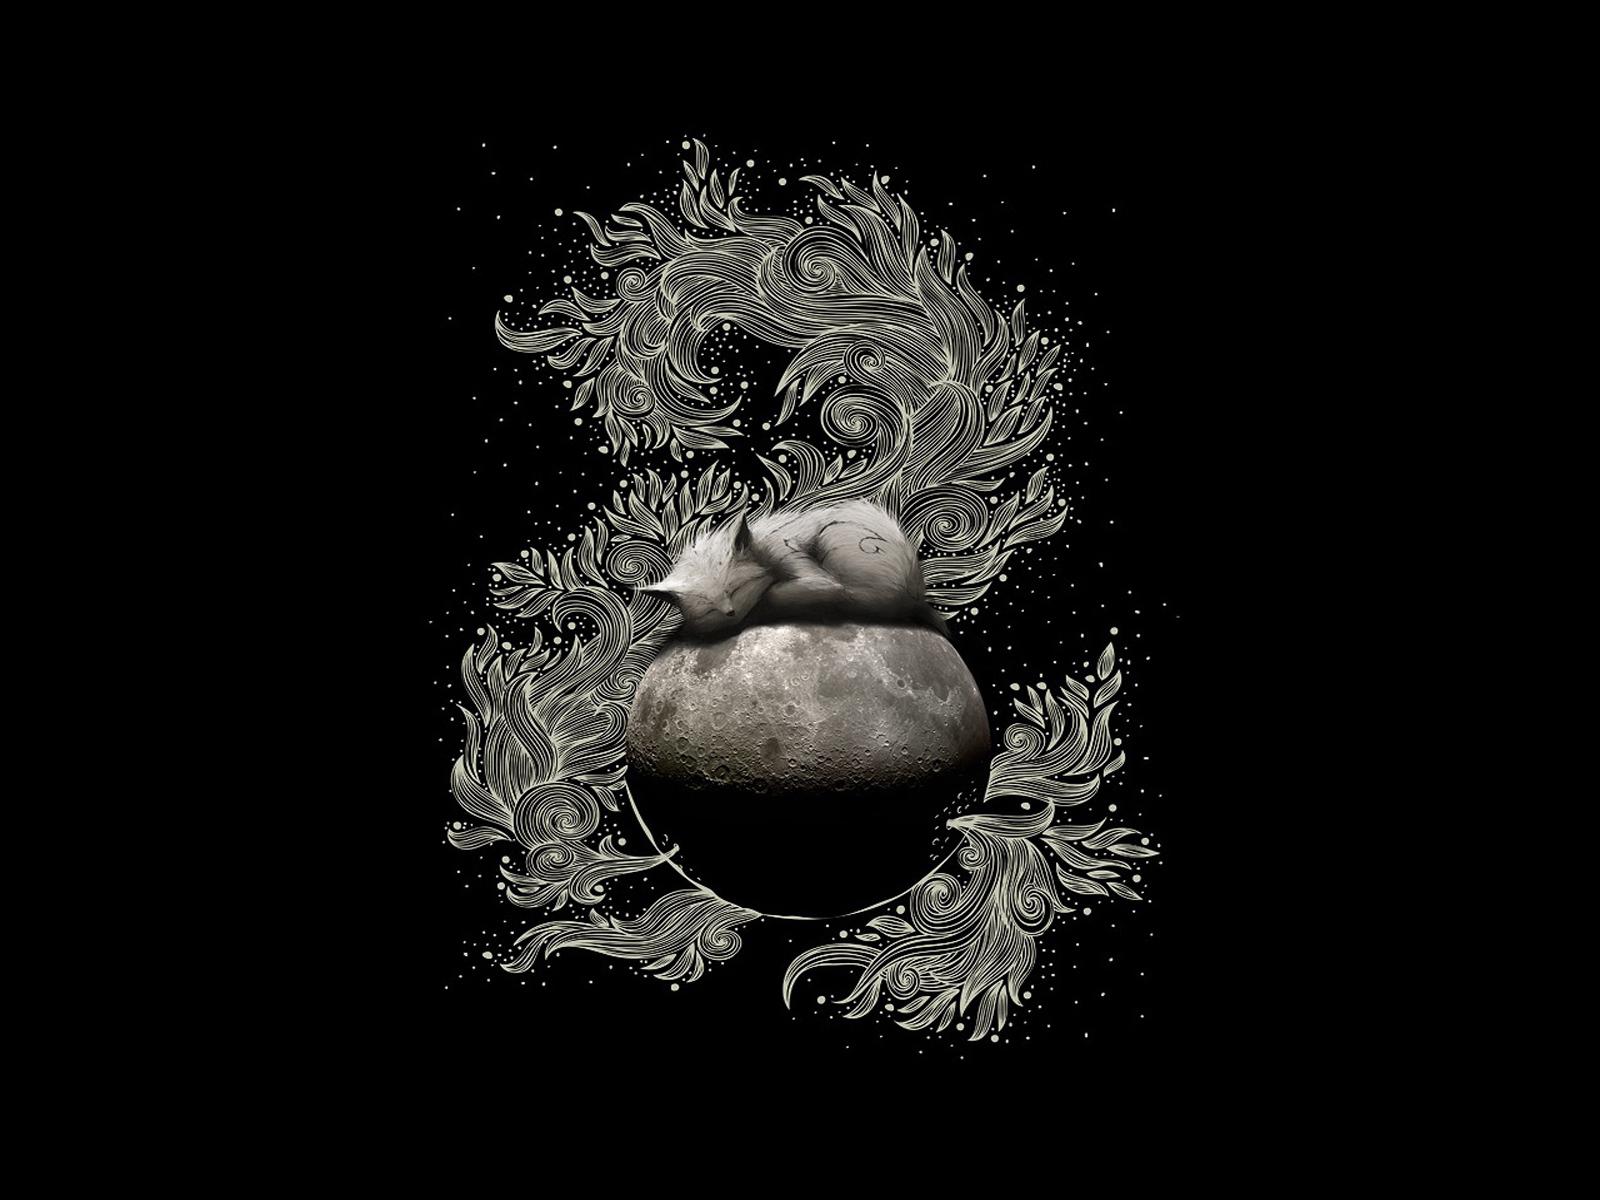 10957 скачать обои Животные, Кошки (Коты, Котики), Планеты, Луна, Рисунки - заставки и картинки бесплатно